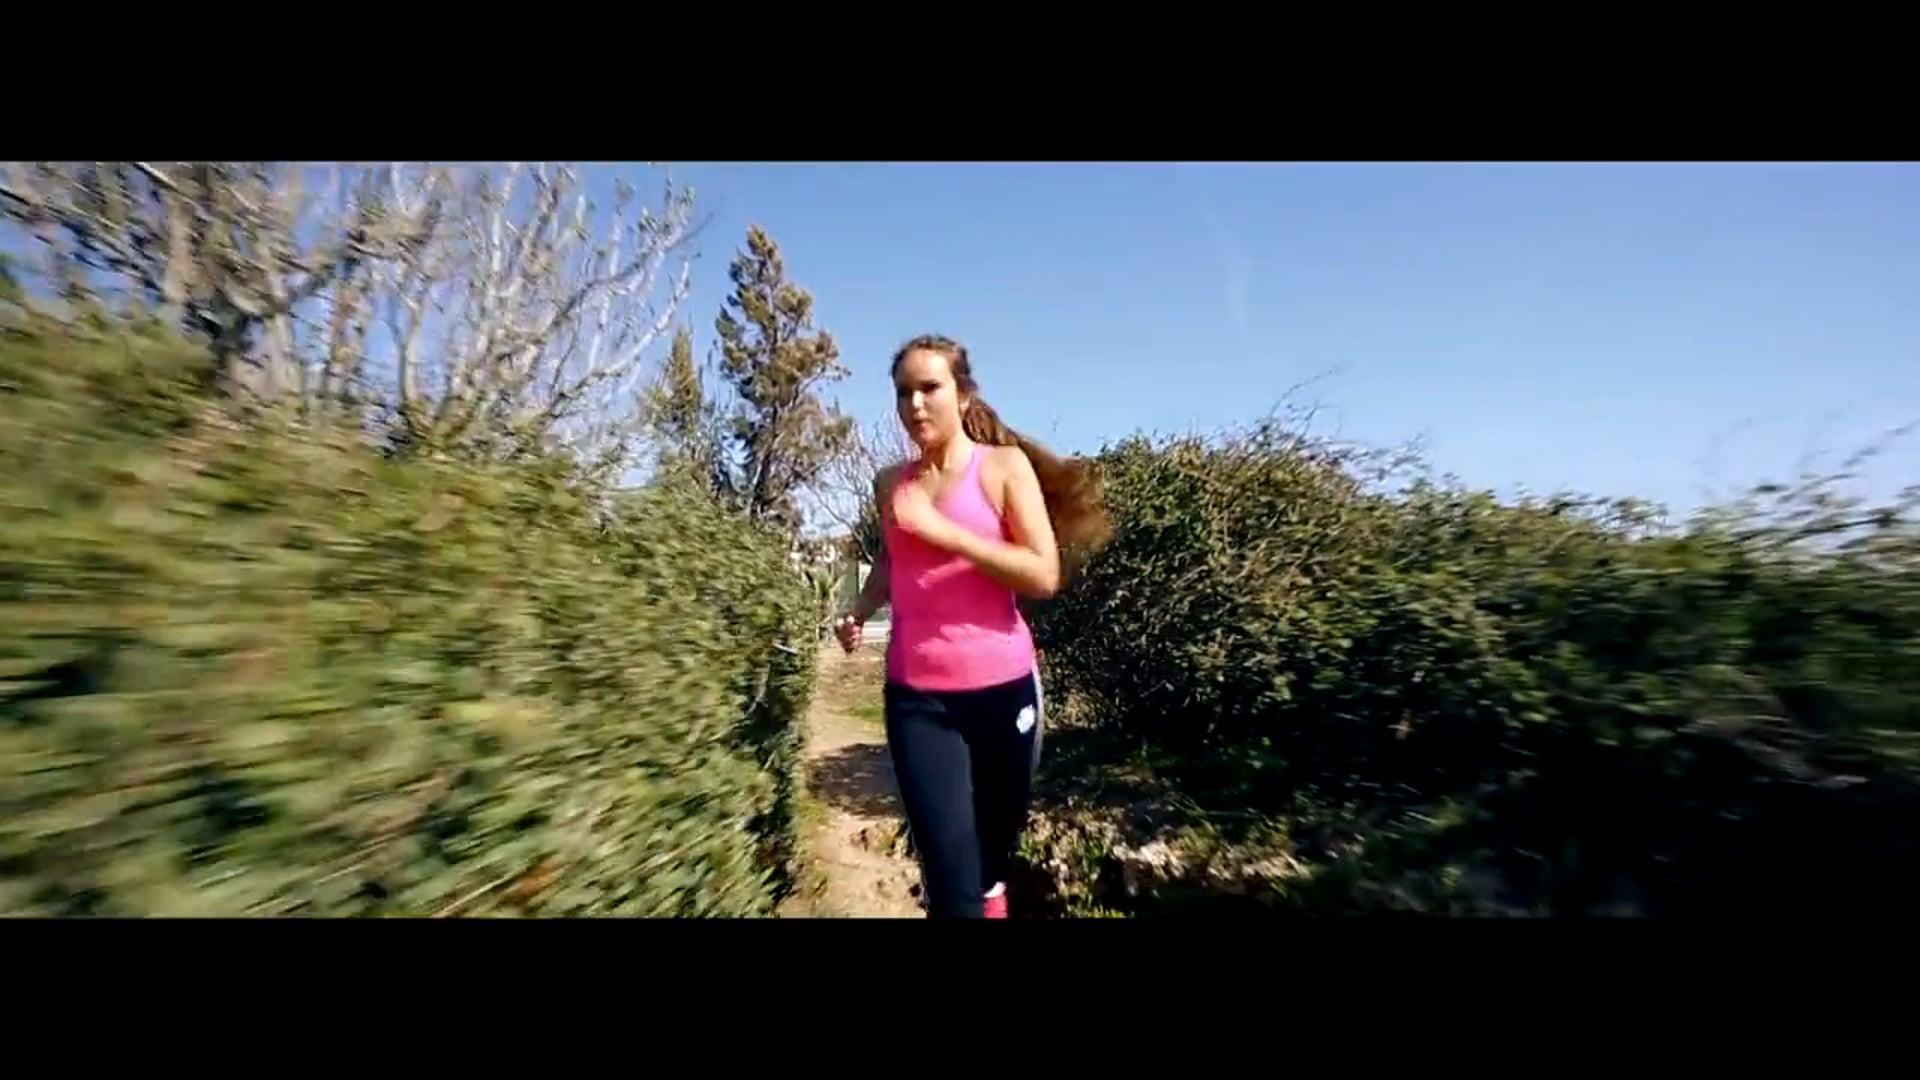 Dirty Jogging Short Film Beginning